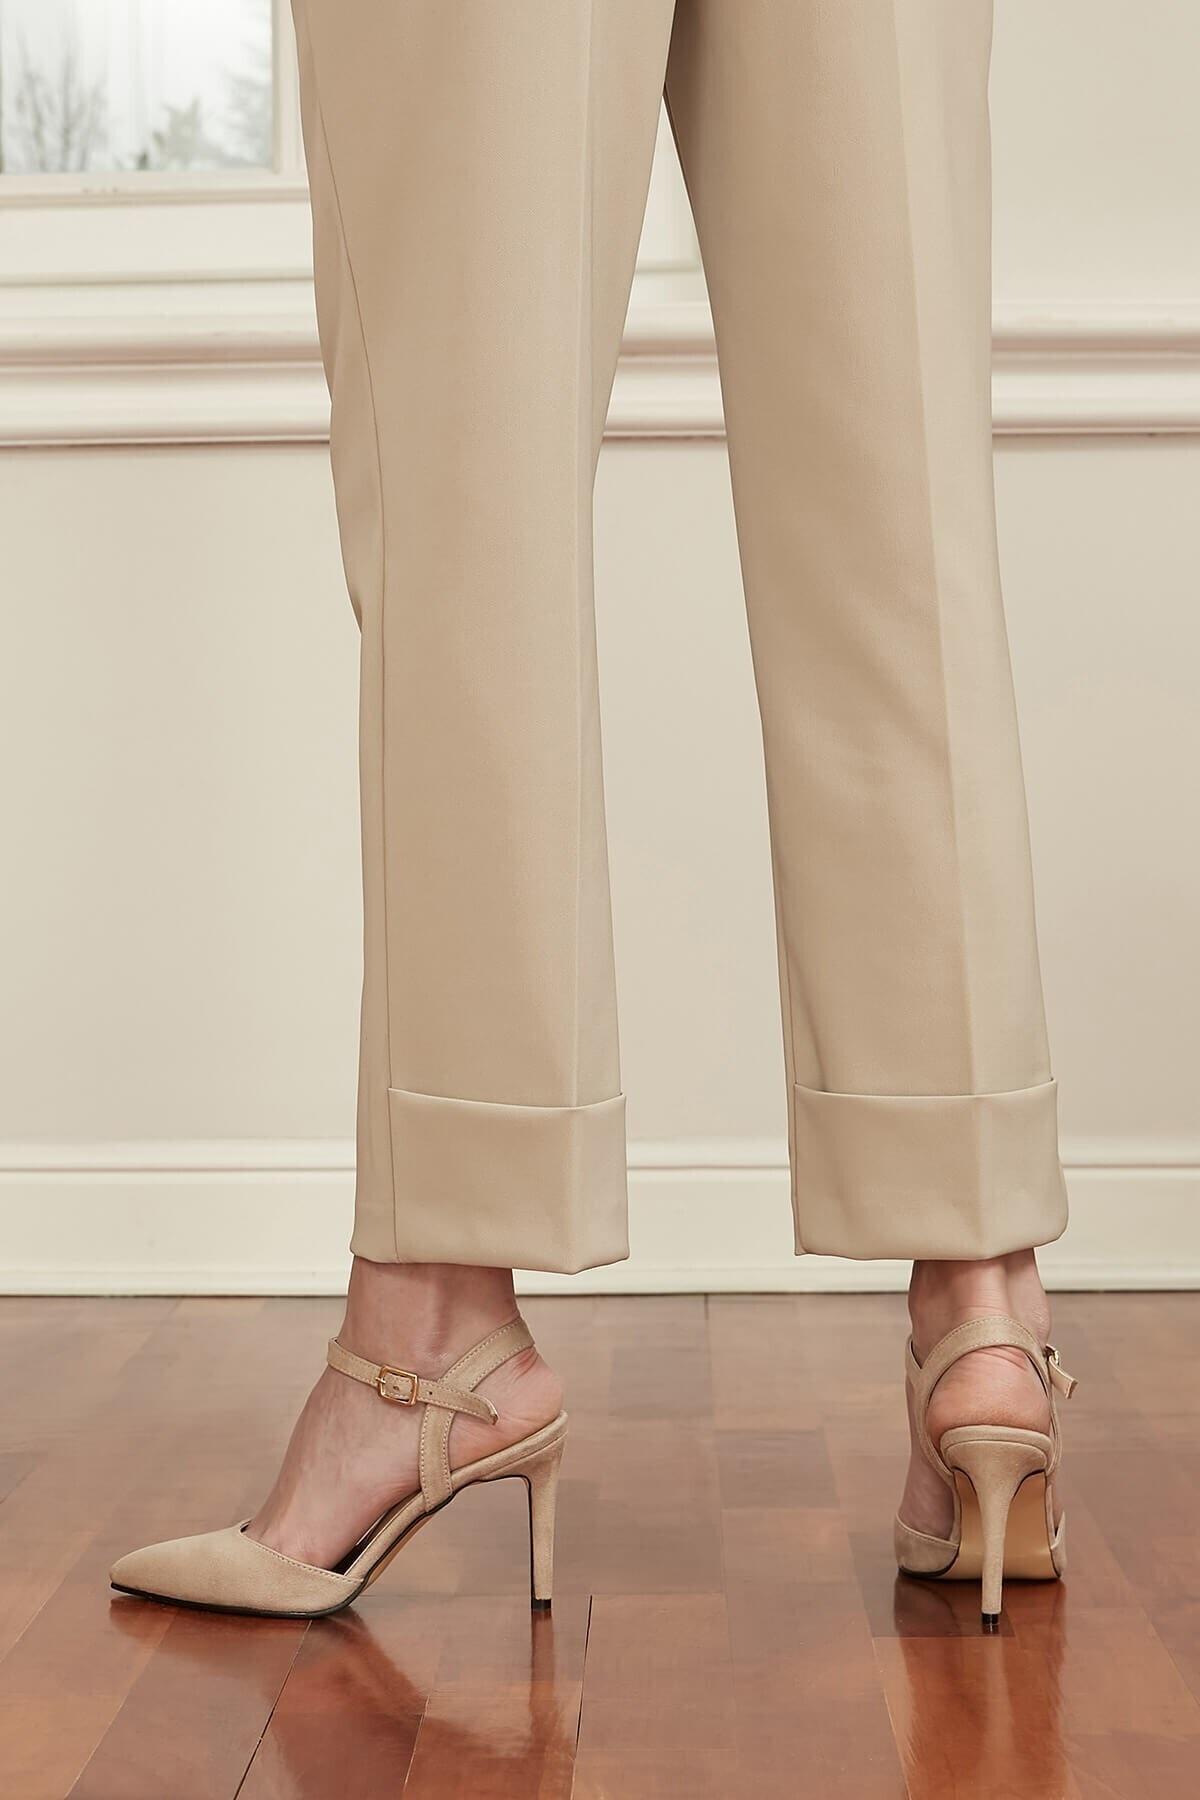 Mio Gusto Lucia Bej Bilek Bantlı Topuklu Ayakkabı 2